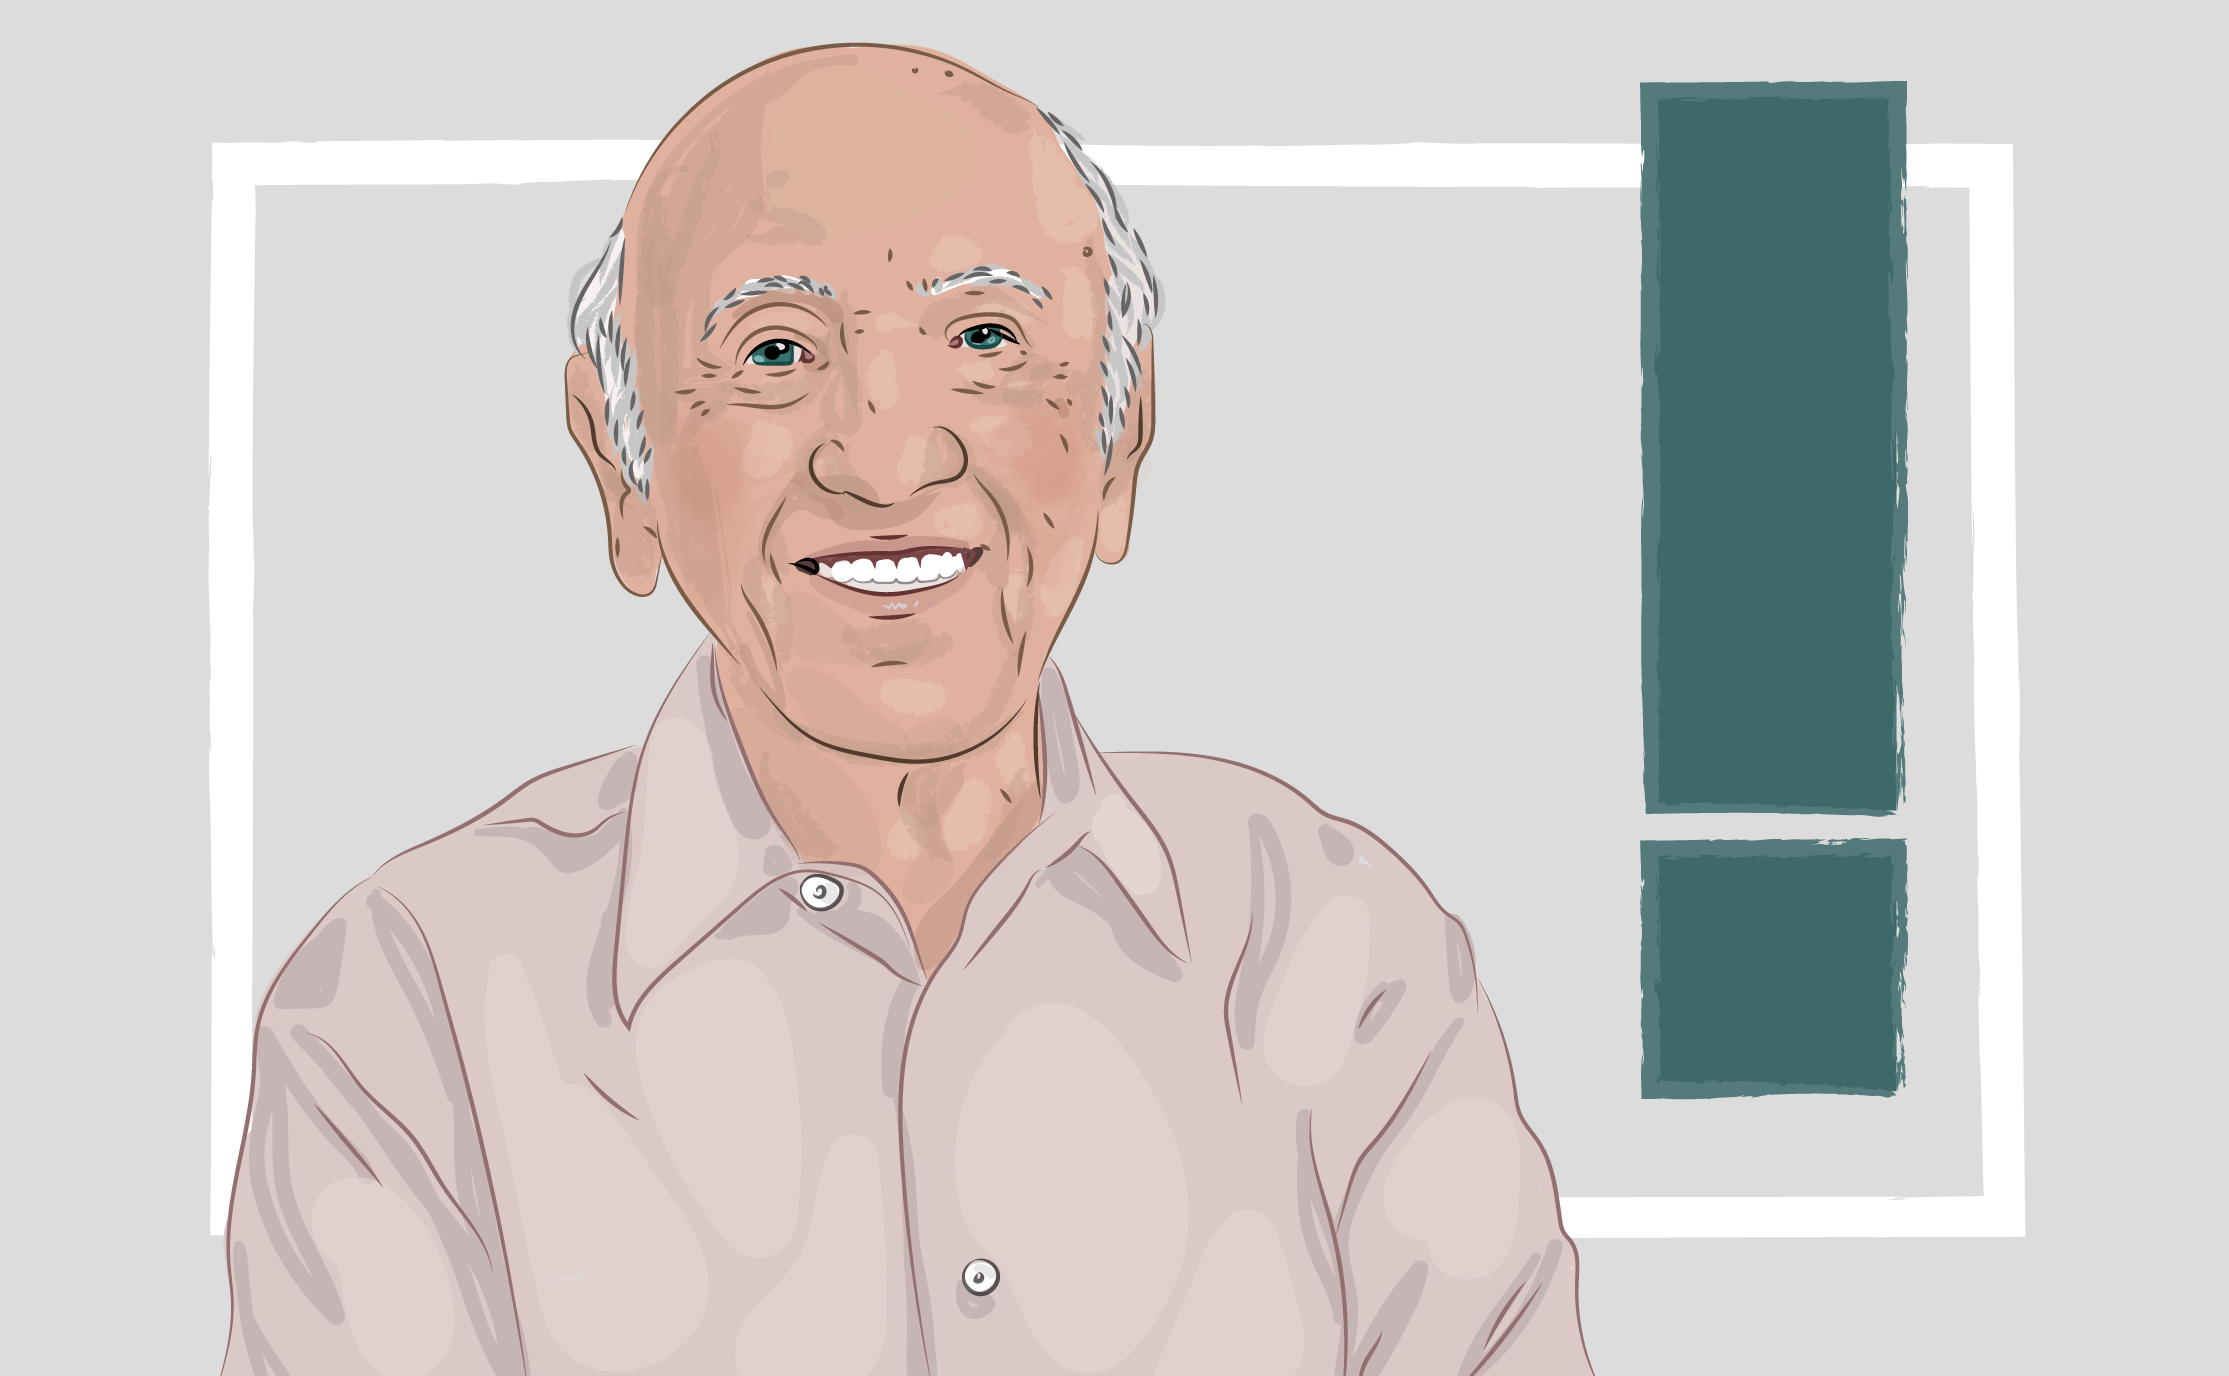 Artigo de Lélio Lauretti, economista e conselheiro de administração certificado pelo IBGC.